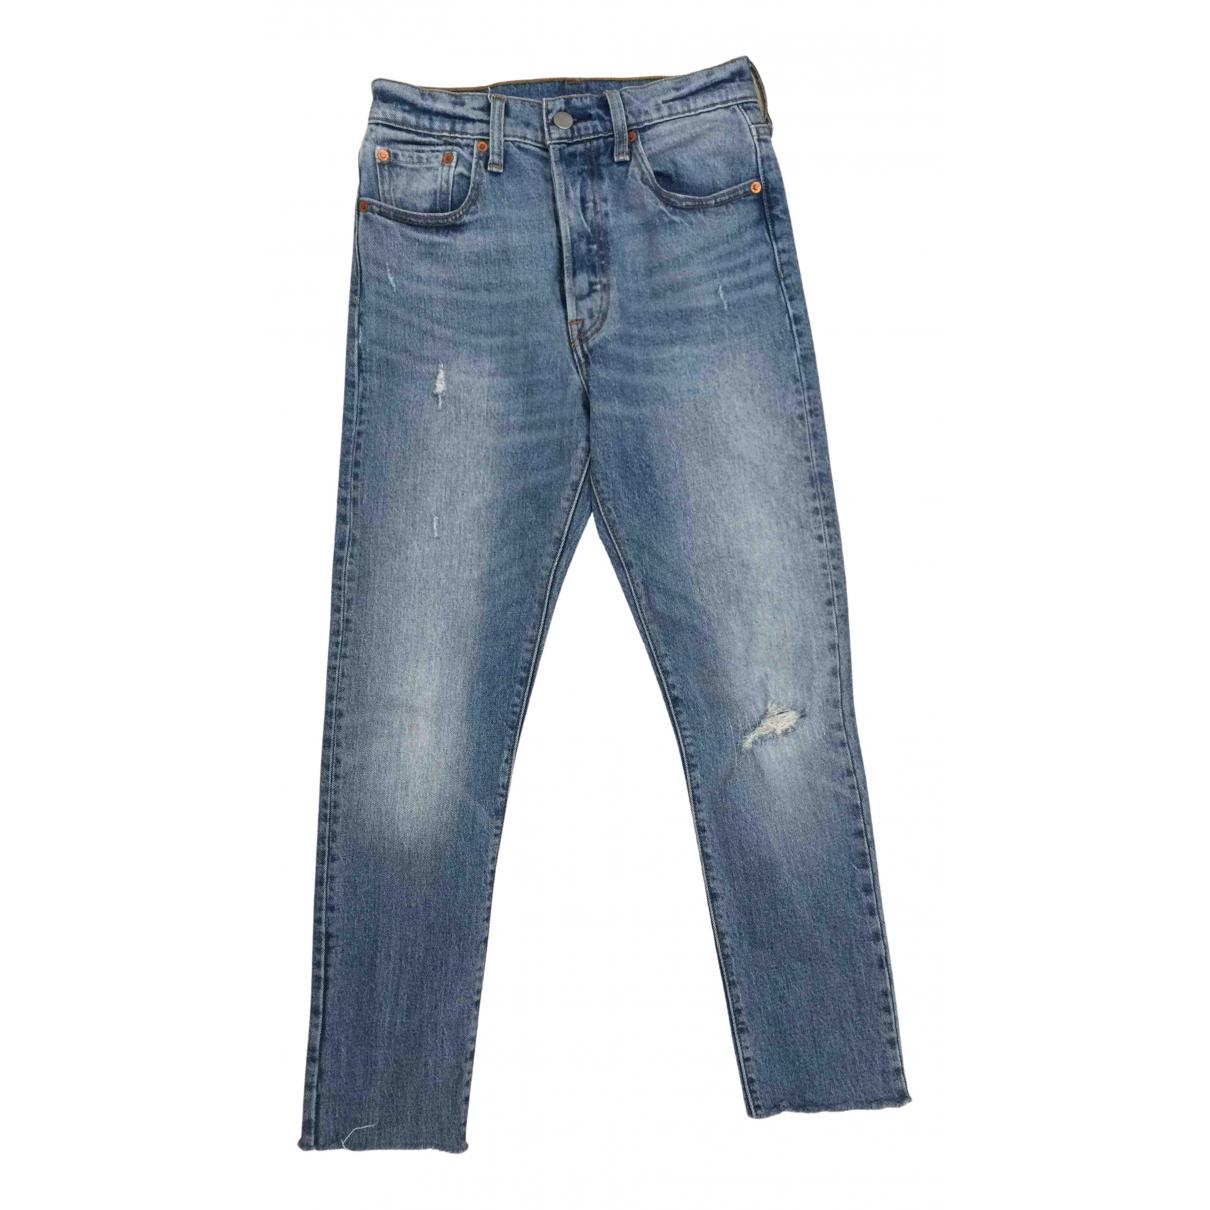 Levi's 501 Blue Cotton Jeans for Women 25 US